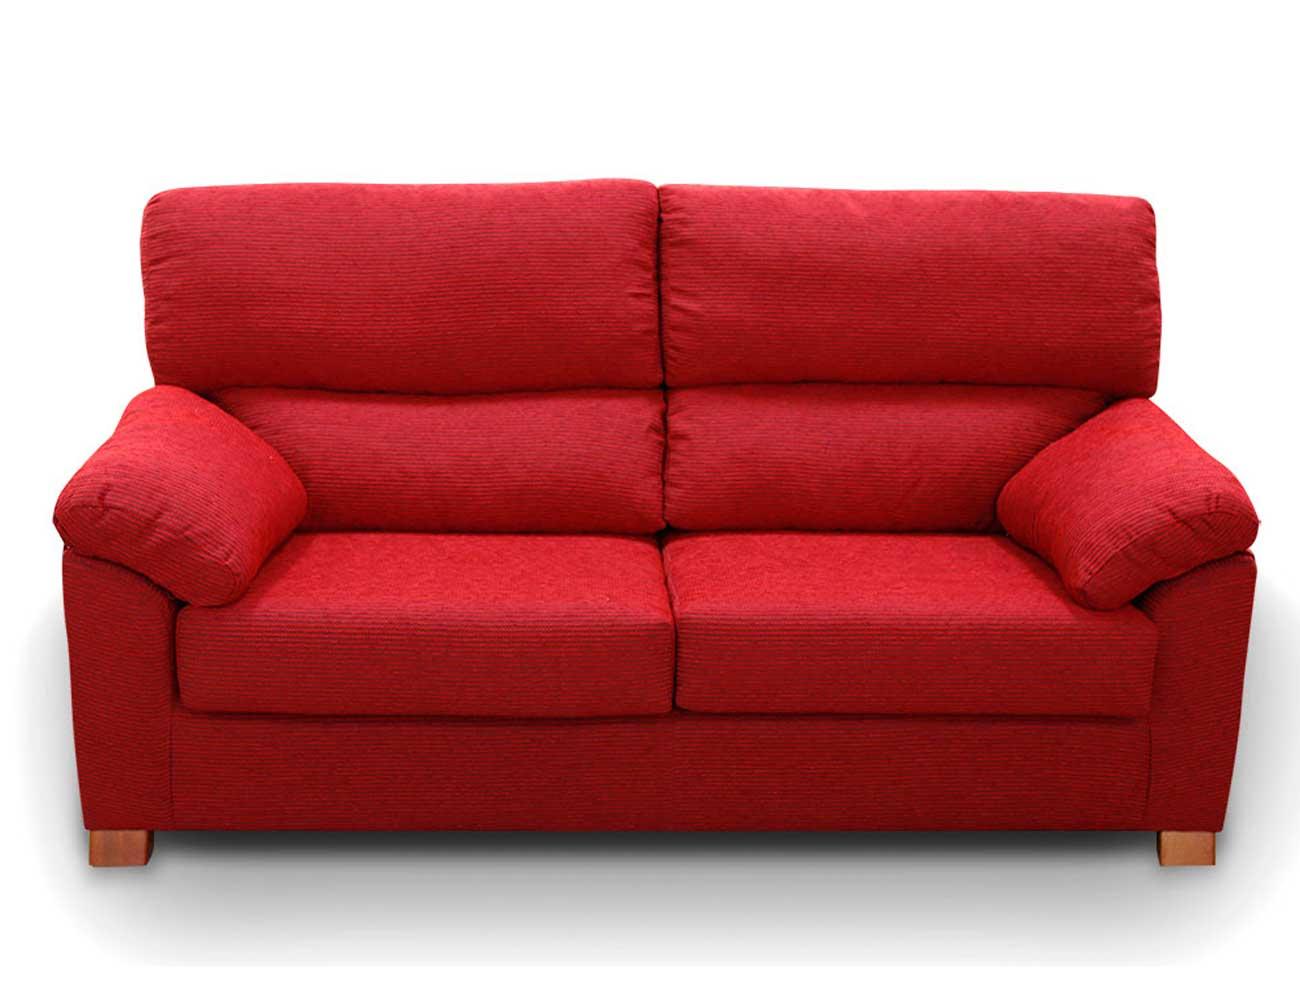 Sofa barato 3 plazas rojo12